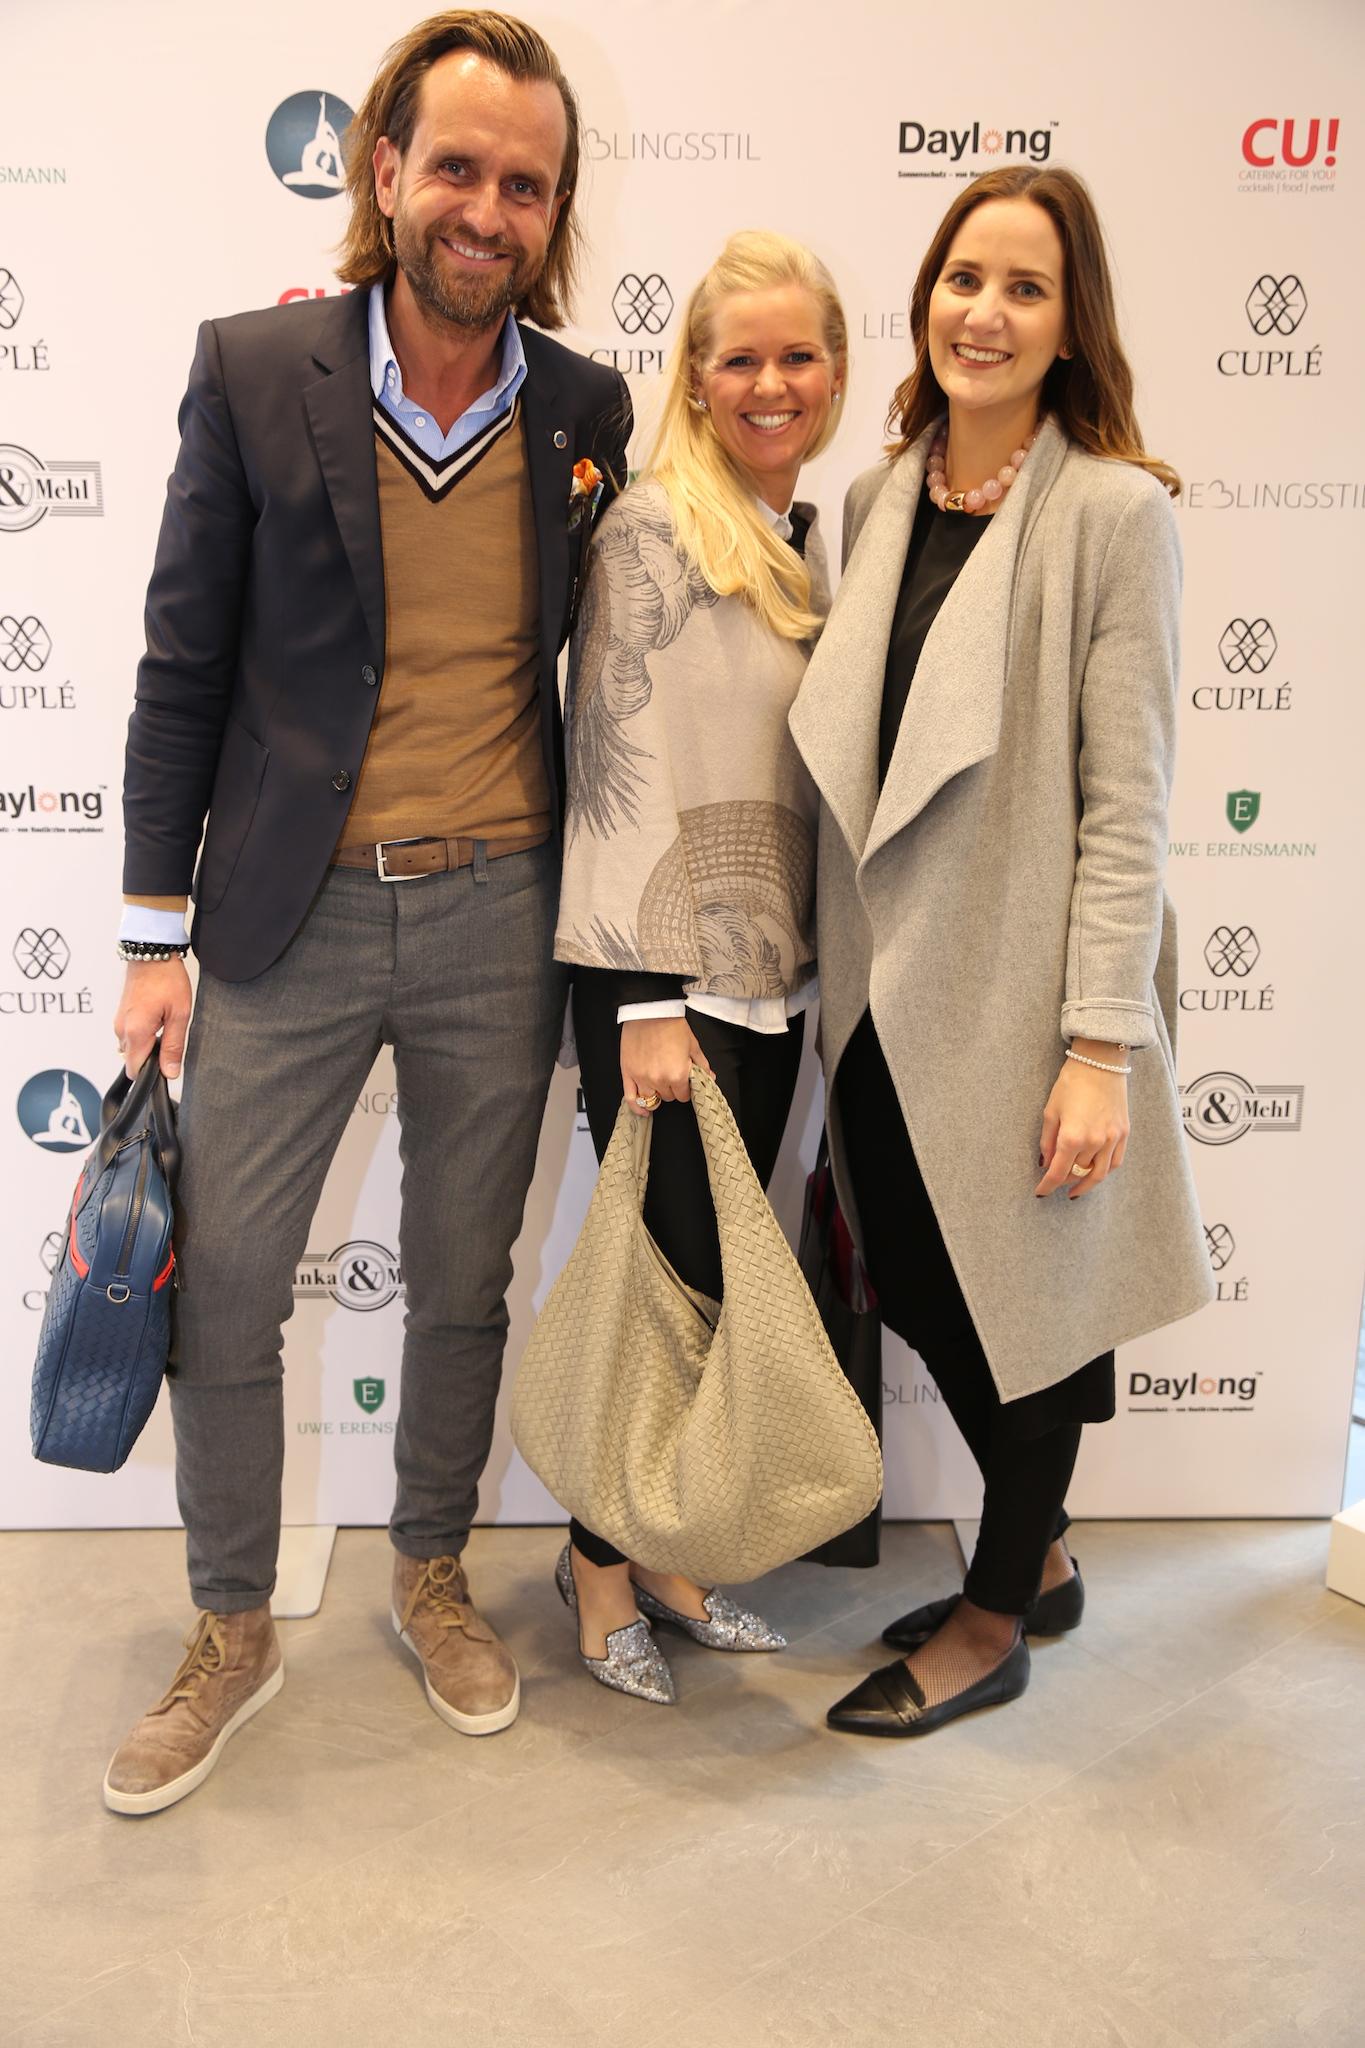 Cuplé Düsseldorf Fashionshow, Stephan Schneider Brauksiepe, Anna Schneider, Carina Gronen, Lifestyle-Blog, Lieblingsstil.com JPG